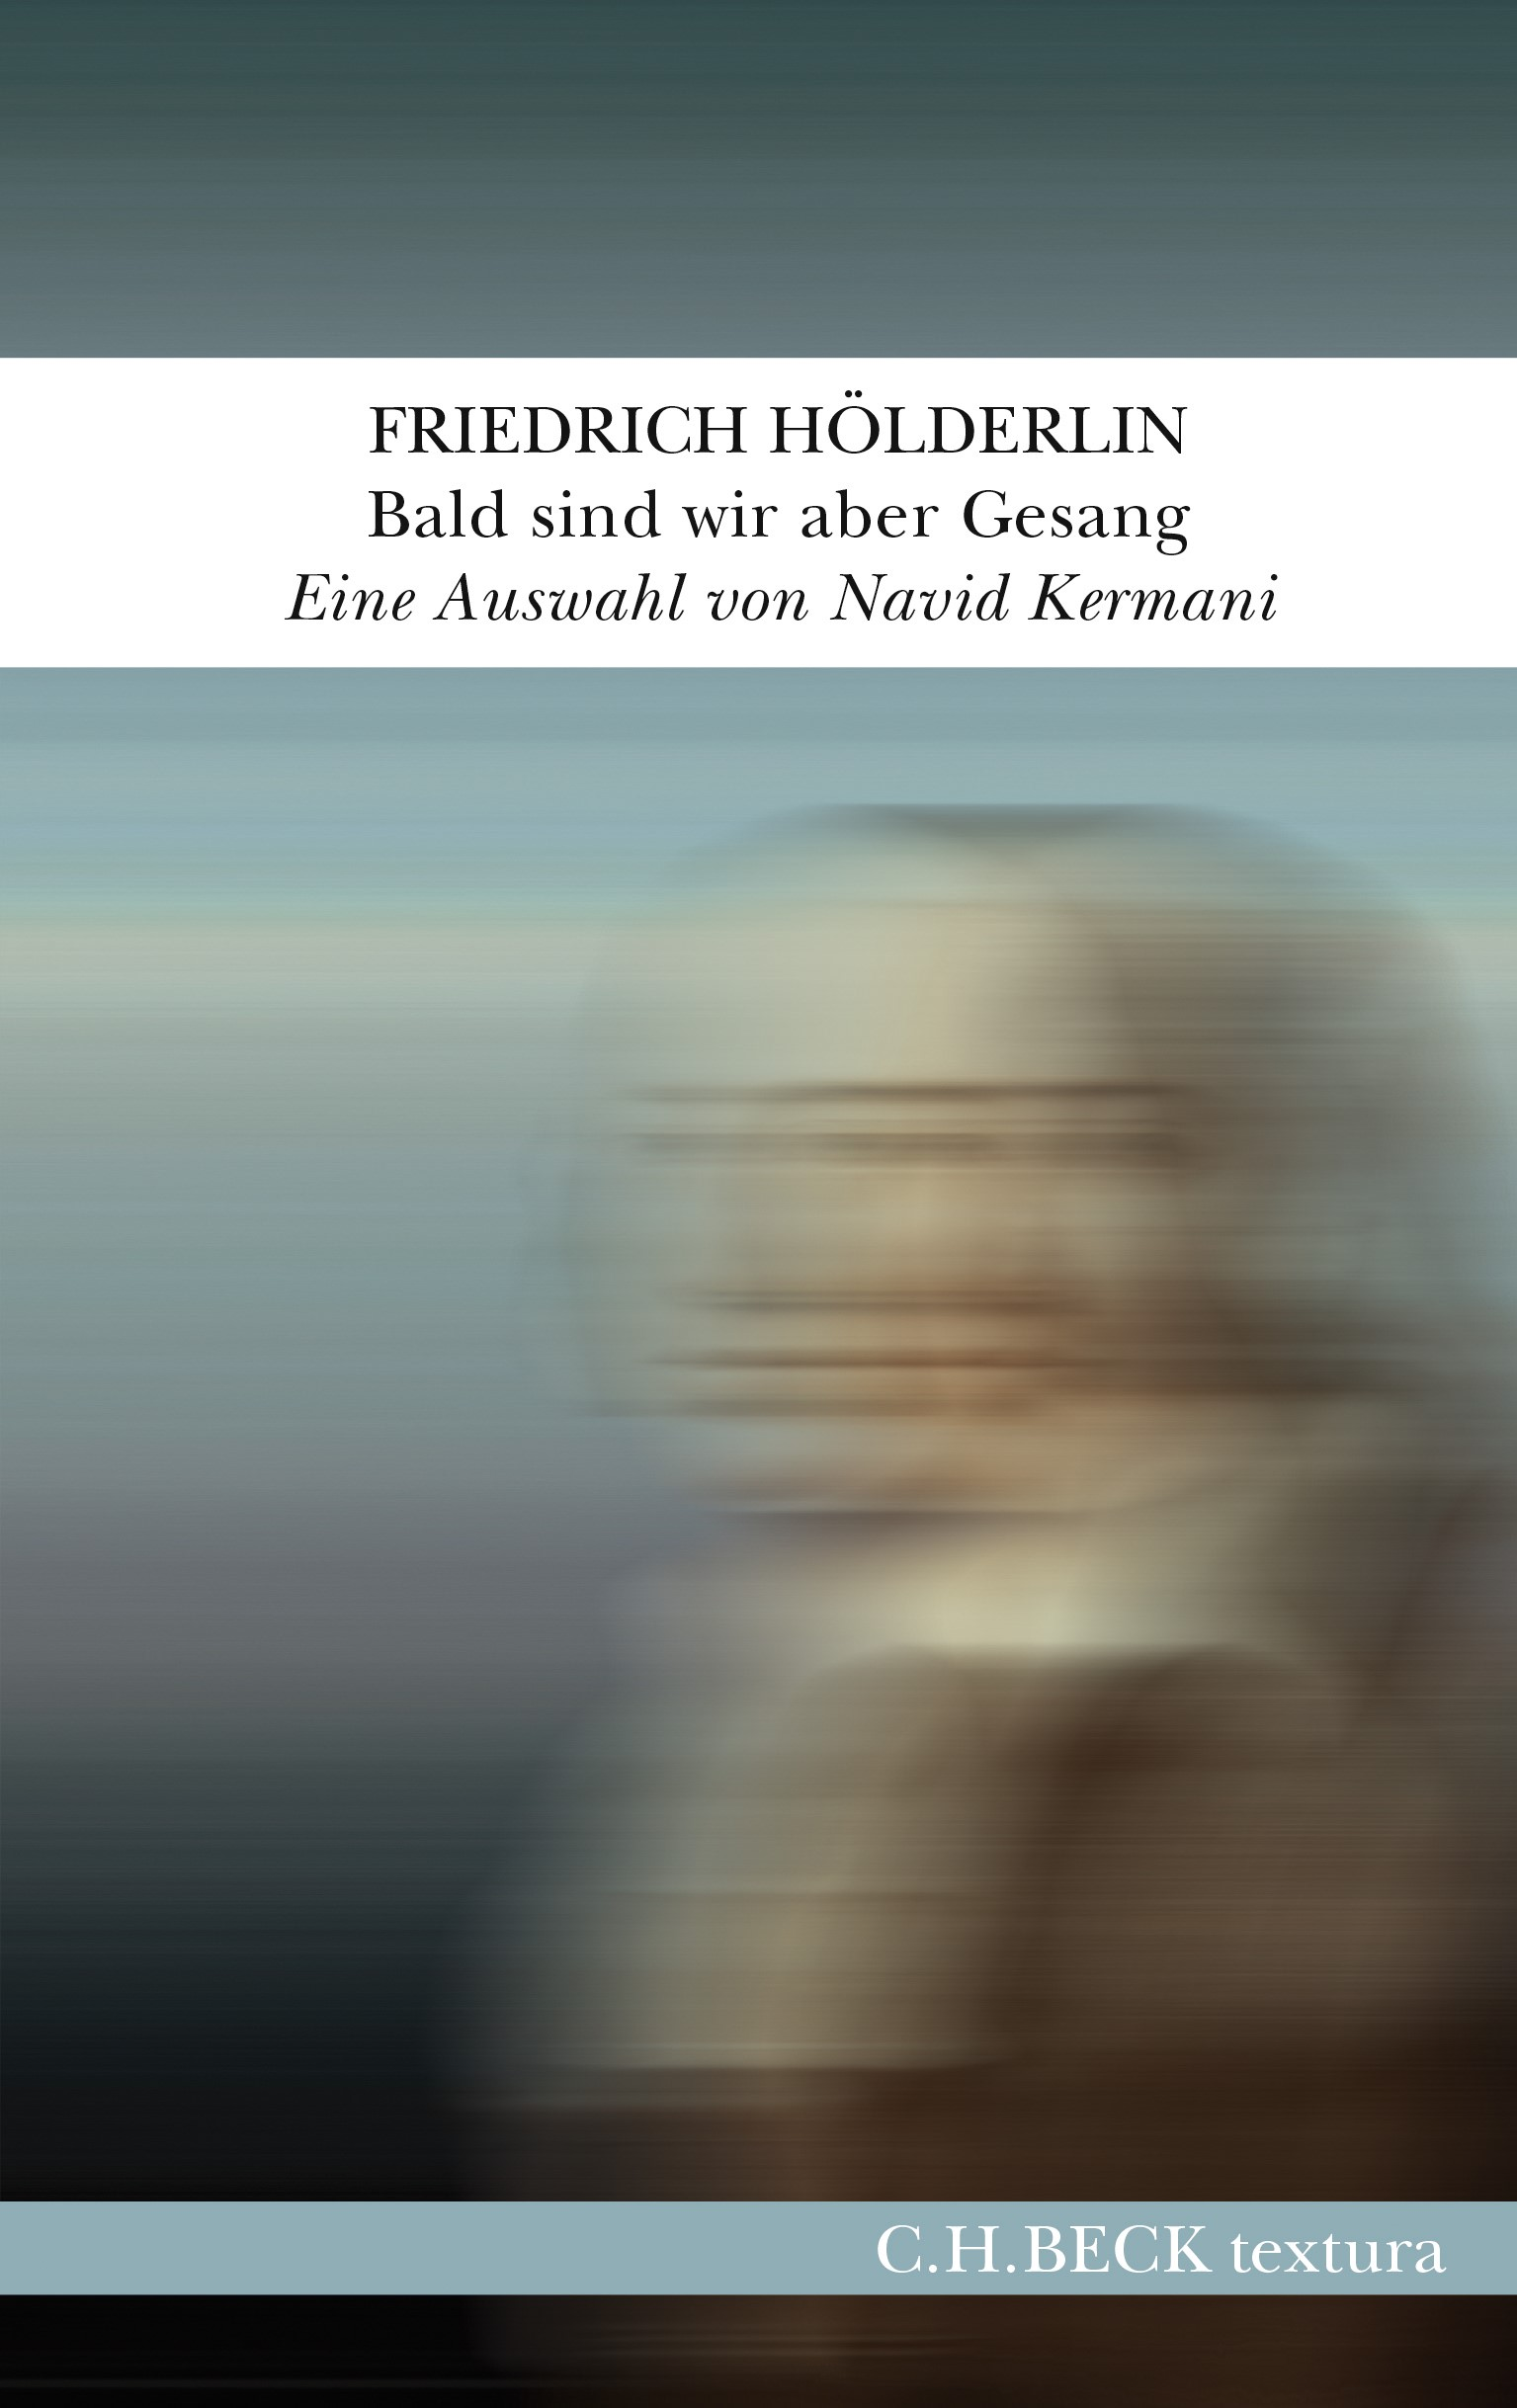 Bald Sind Wir Aber Gesang Hölderlin Friedrich Hardcover